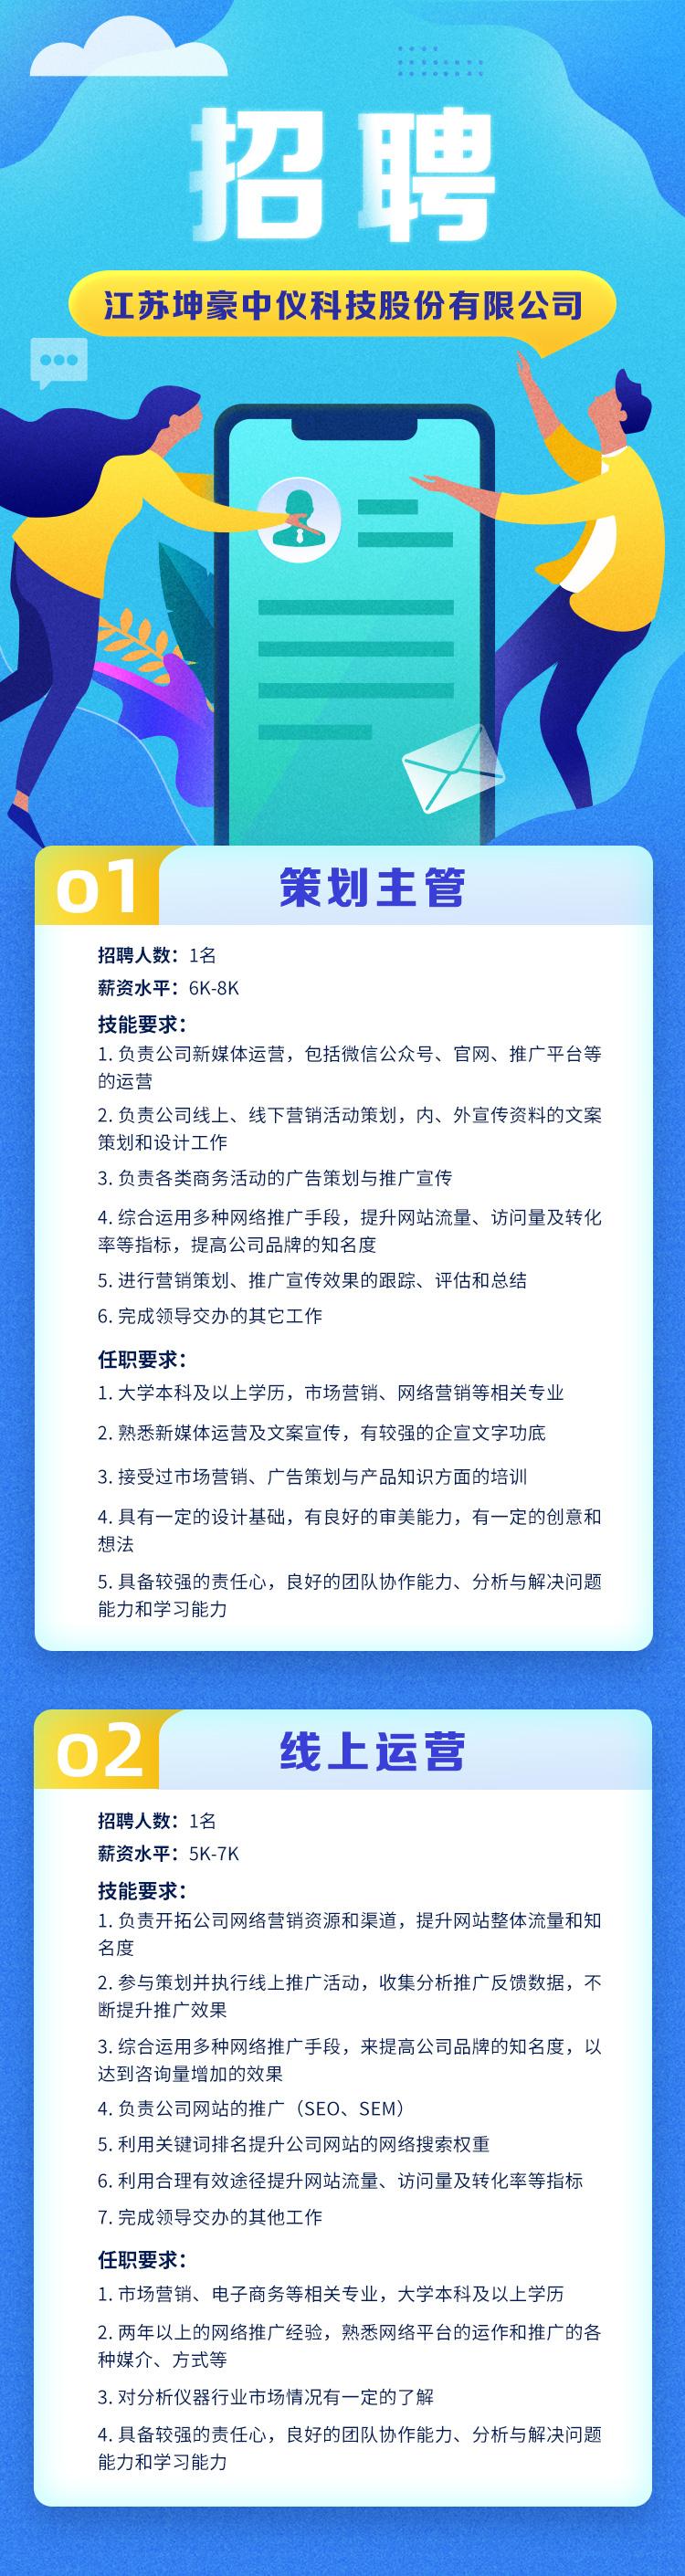 江苏坤豪中仪科技股份有限公司